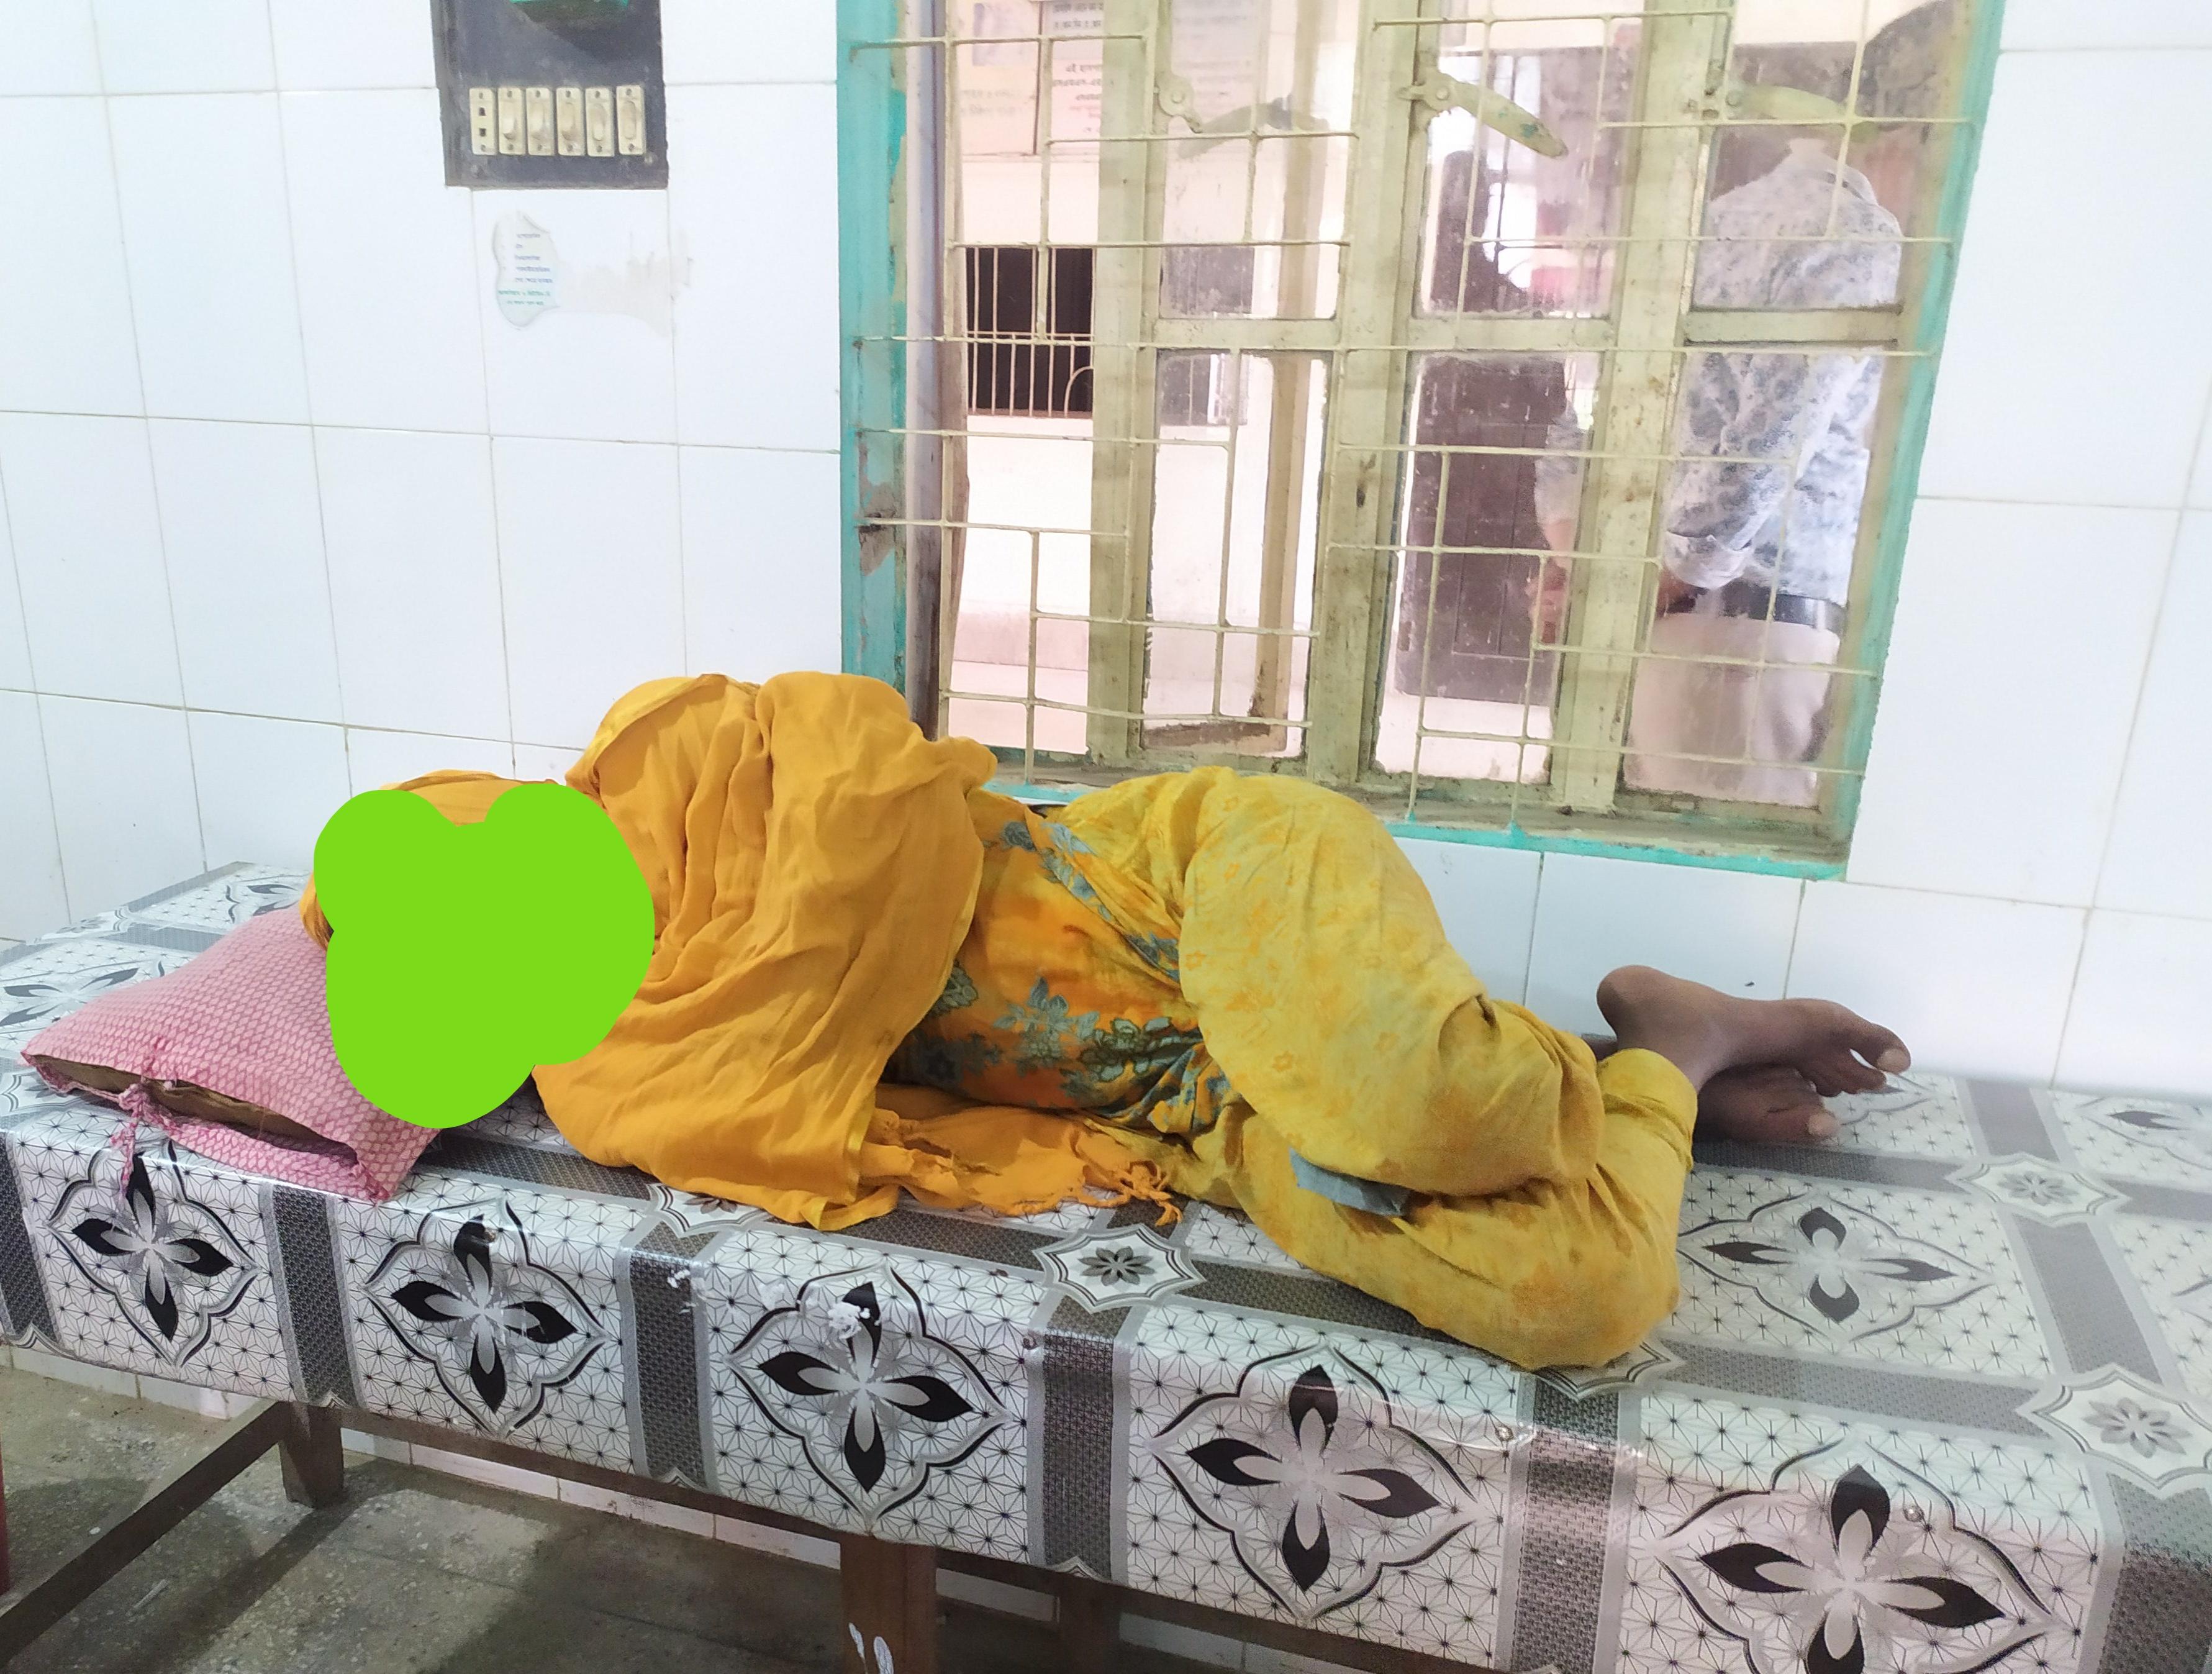 বকশীগঞ্জে প্রতিবন্দি শিক্ষার্থীকে দল বেধে ধর্ষণ